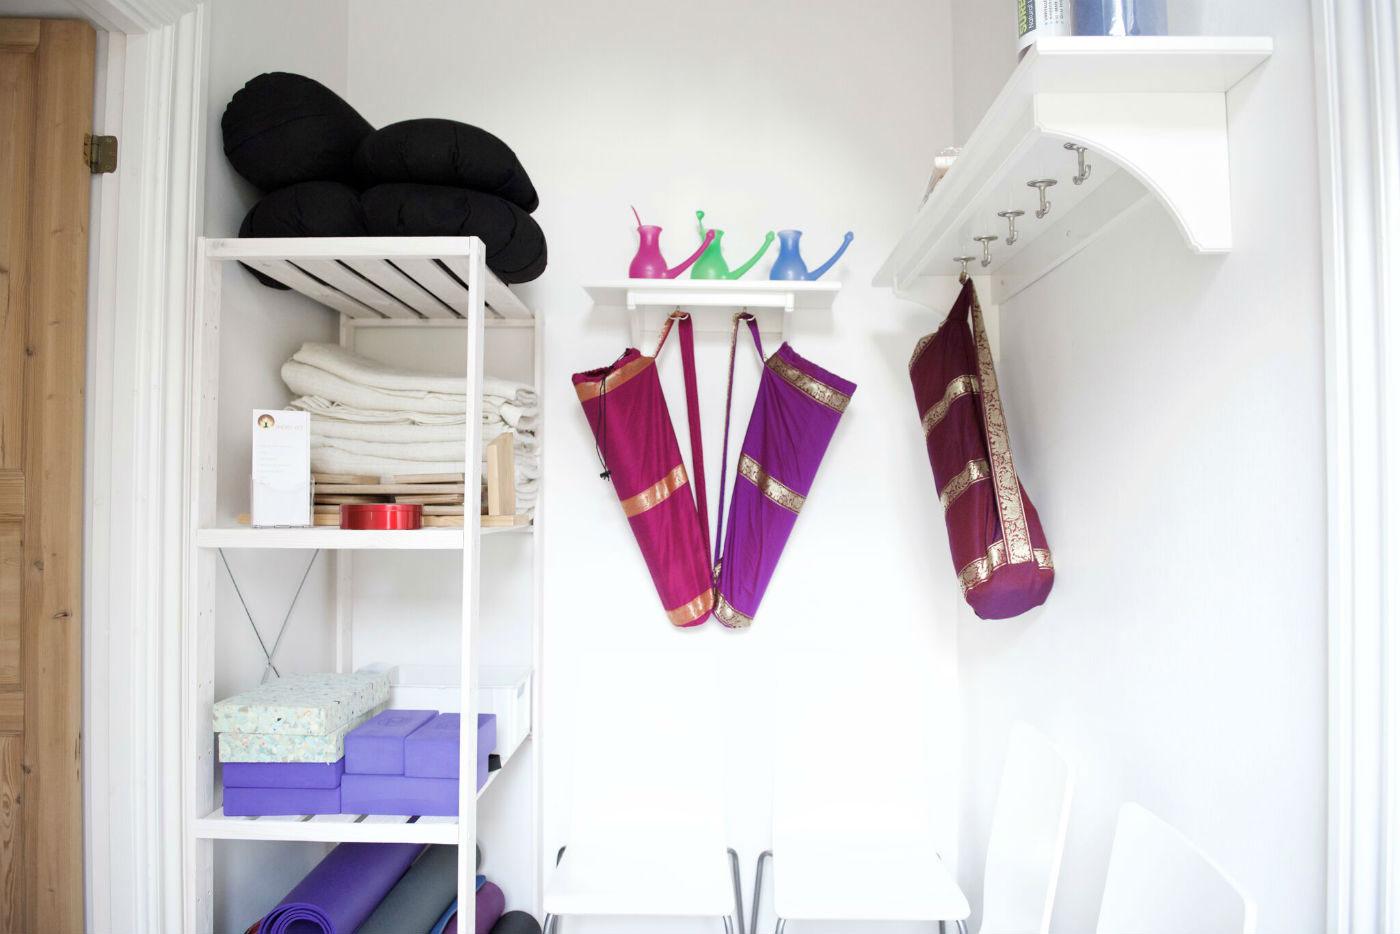 Yogaudstyr kan købes hos Indre ro Odense